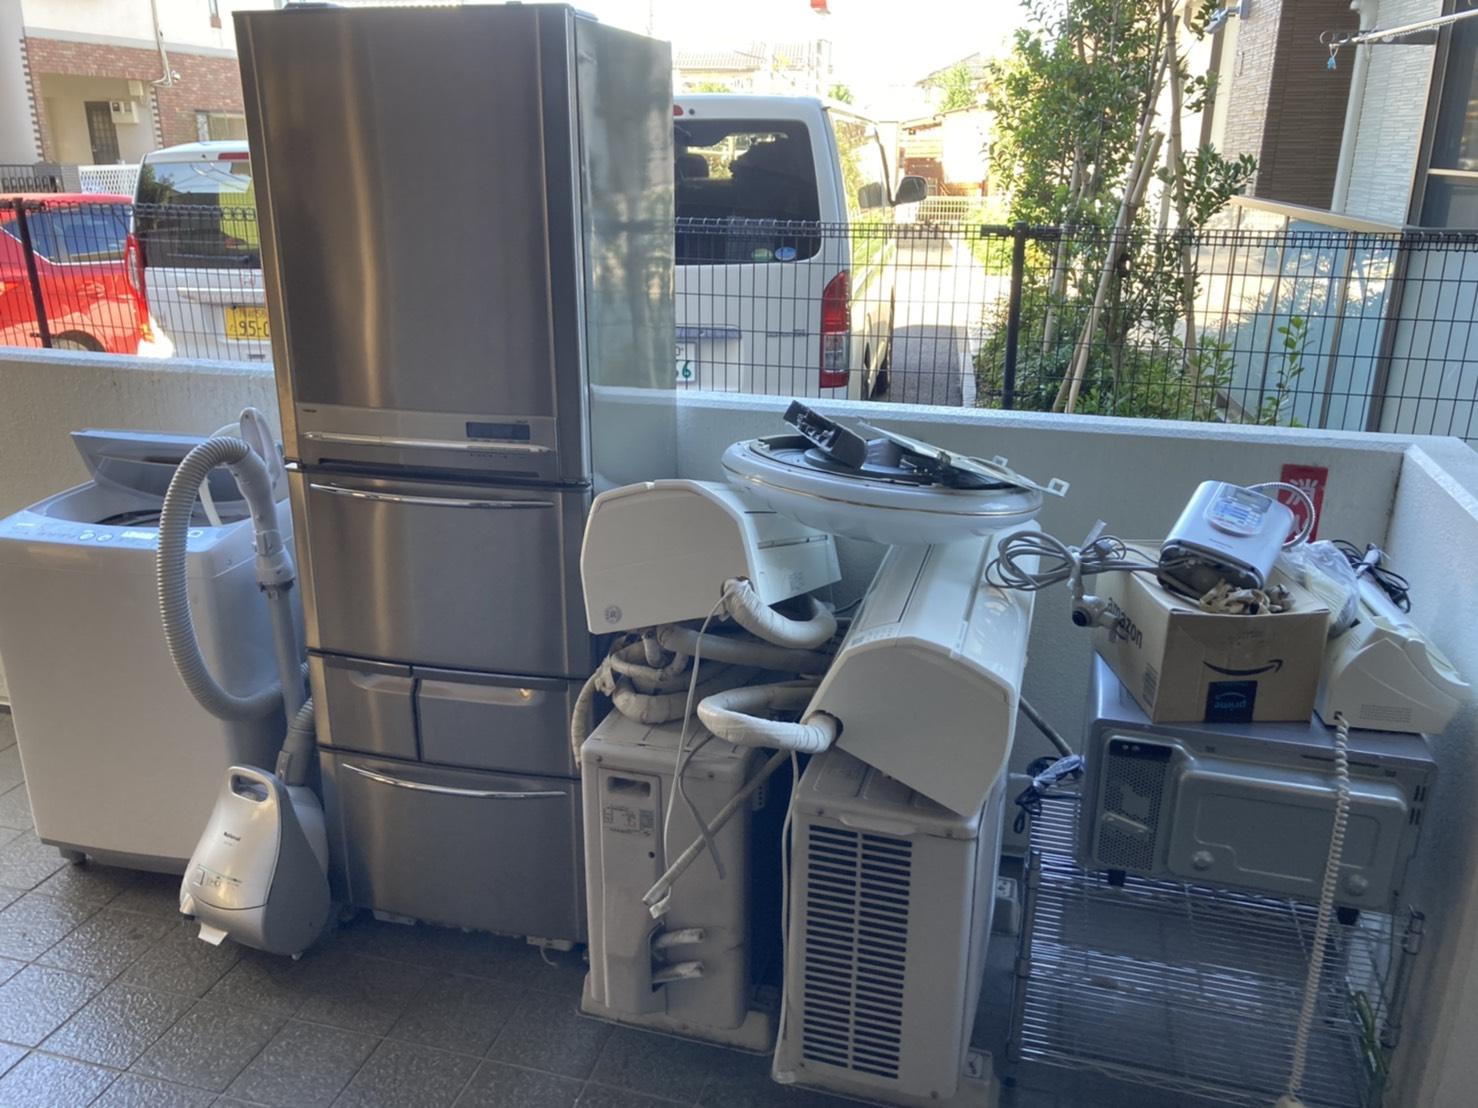 洗濯機、掃除機、エアコン、室外機、冷蔵庫、レンジの回収前